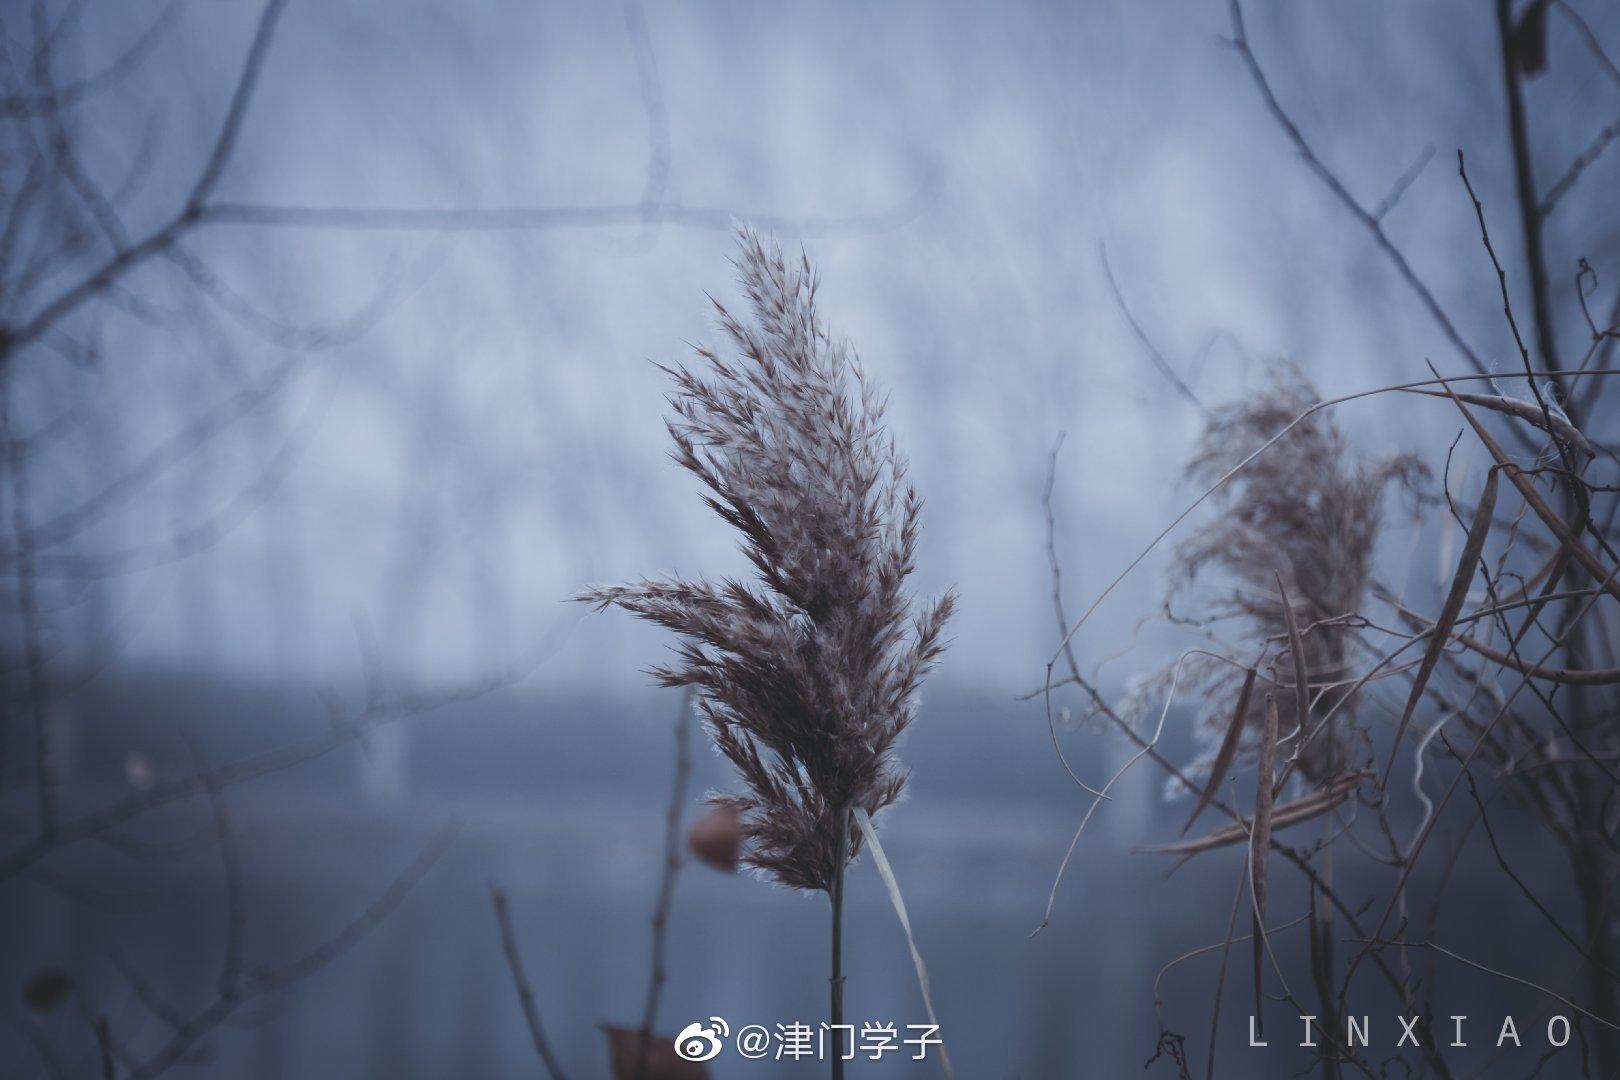 @中国民航大学 趁着大雾拍点航大的冬大家复习月加油